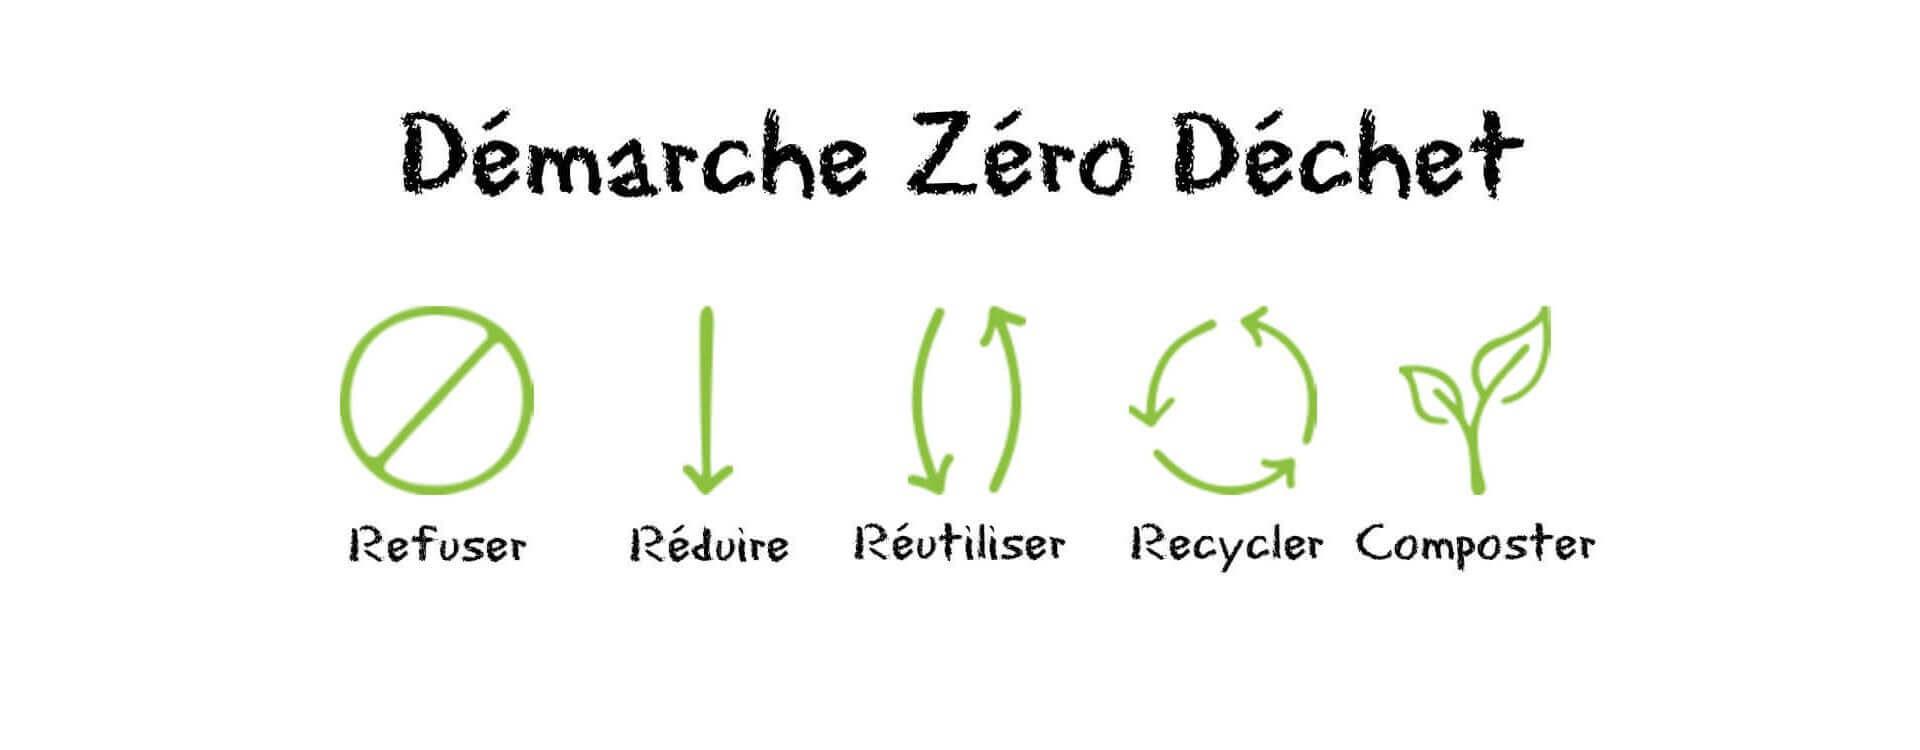 Demarche_zero_dechet